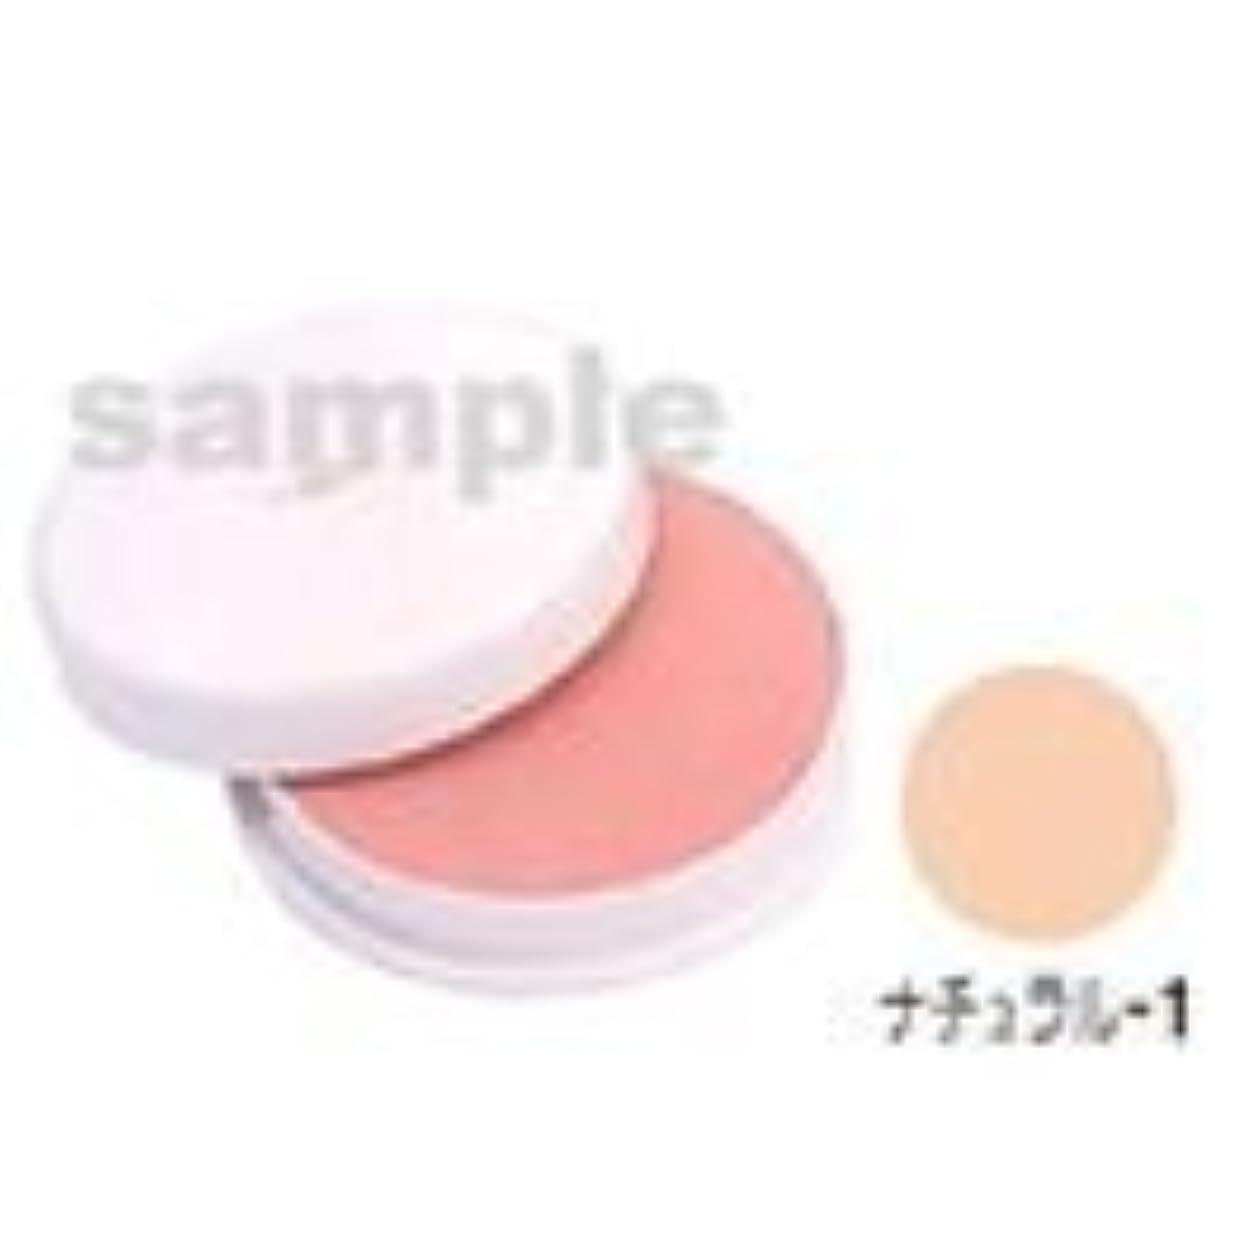 愚かな出血甲虫三善 フェースケーキ ナチュラル-1